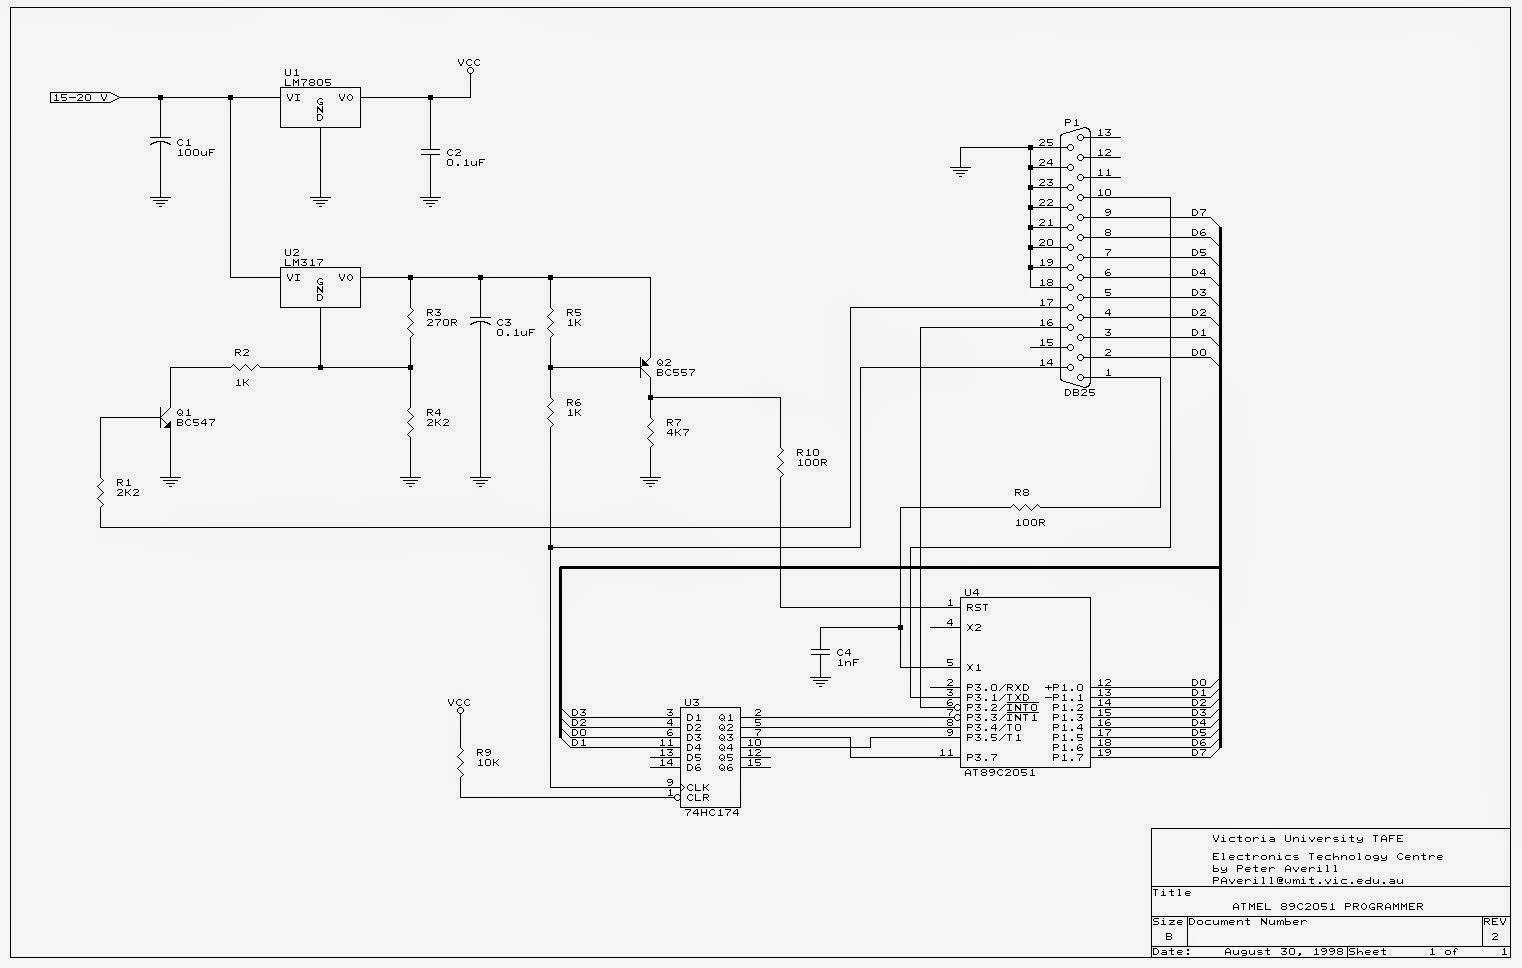 E89382 hannstar j mv-6 94v-0 schematics